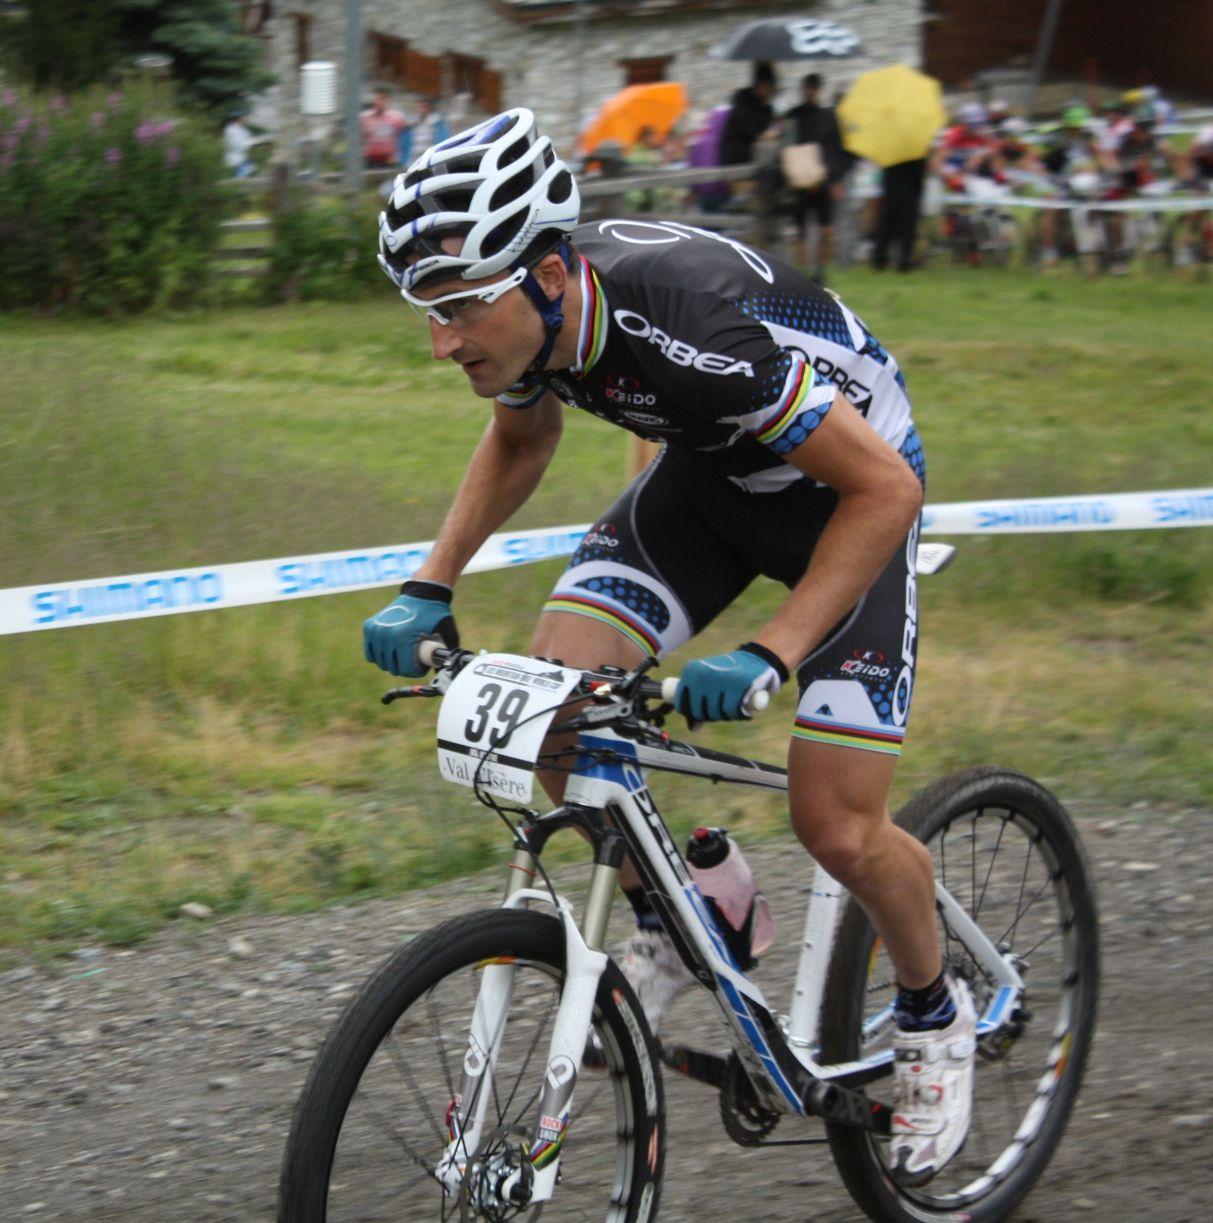 Iñaki Lejarreta, txirrindularia (1983/09/01-2012/12/16)